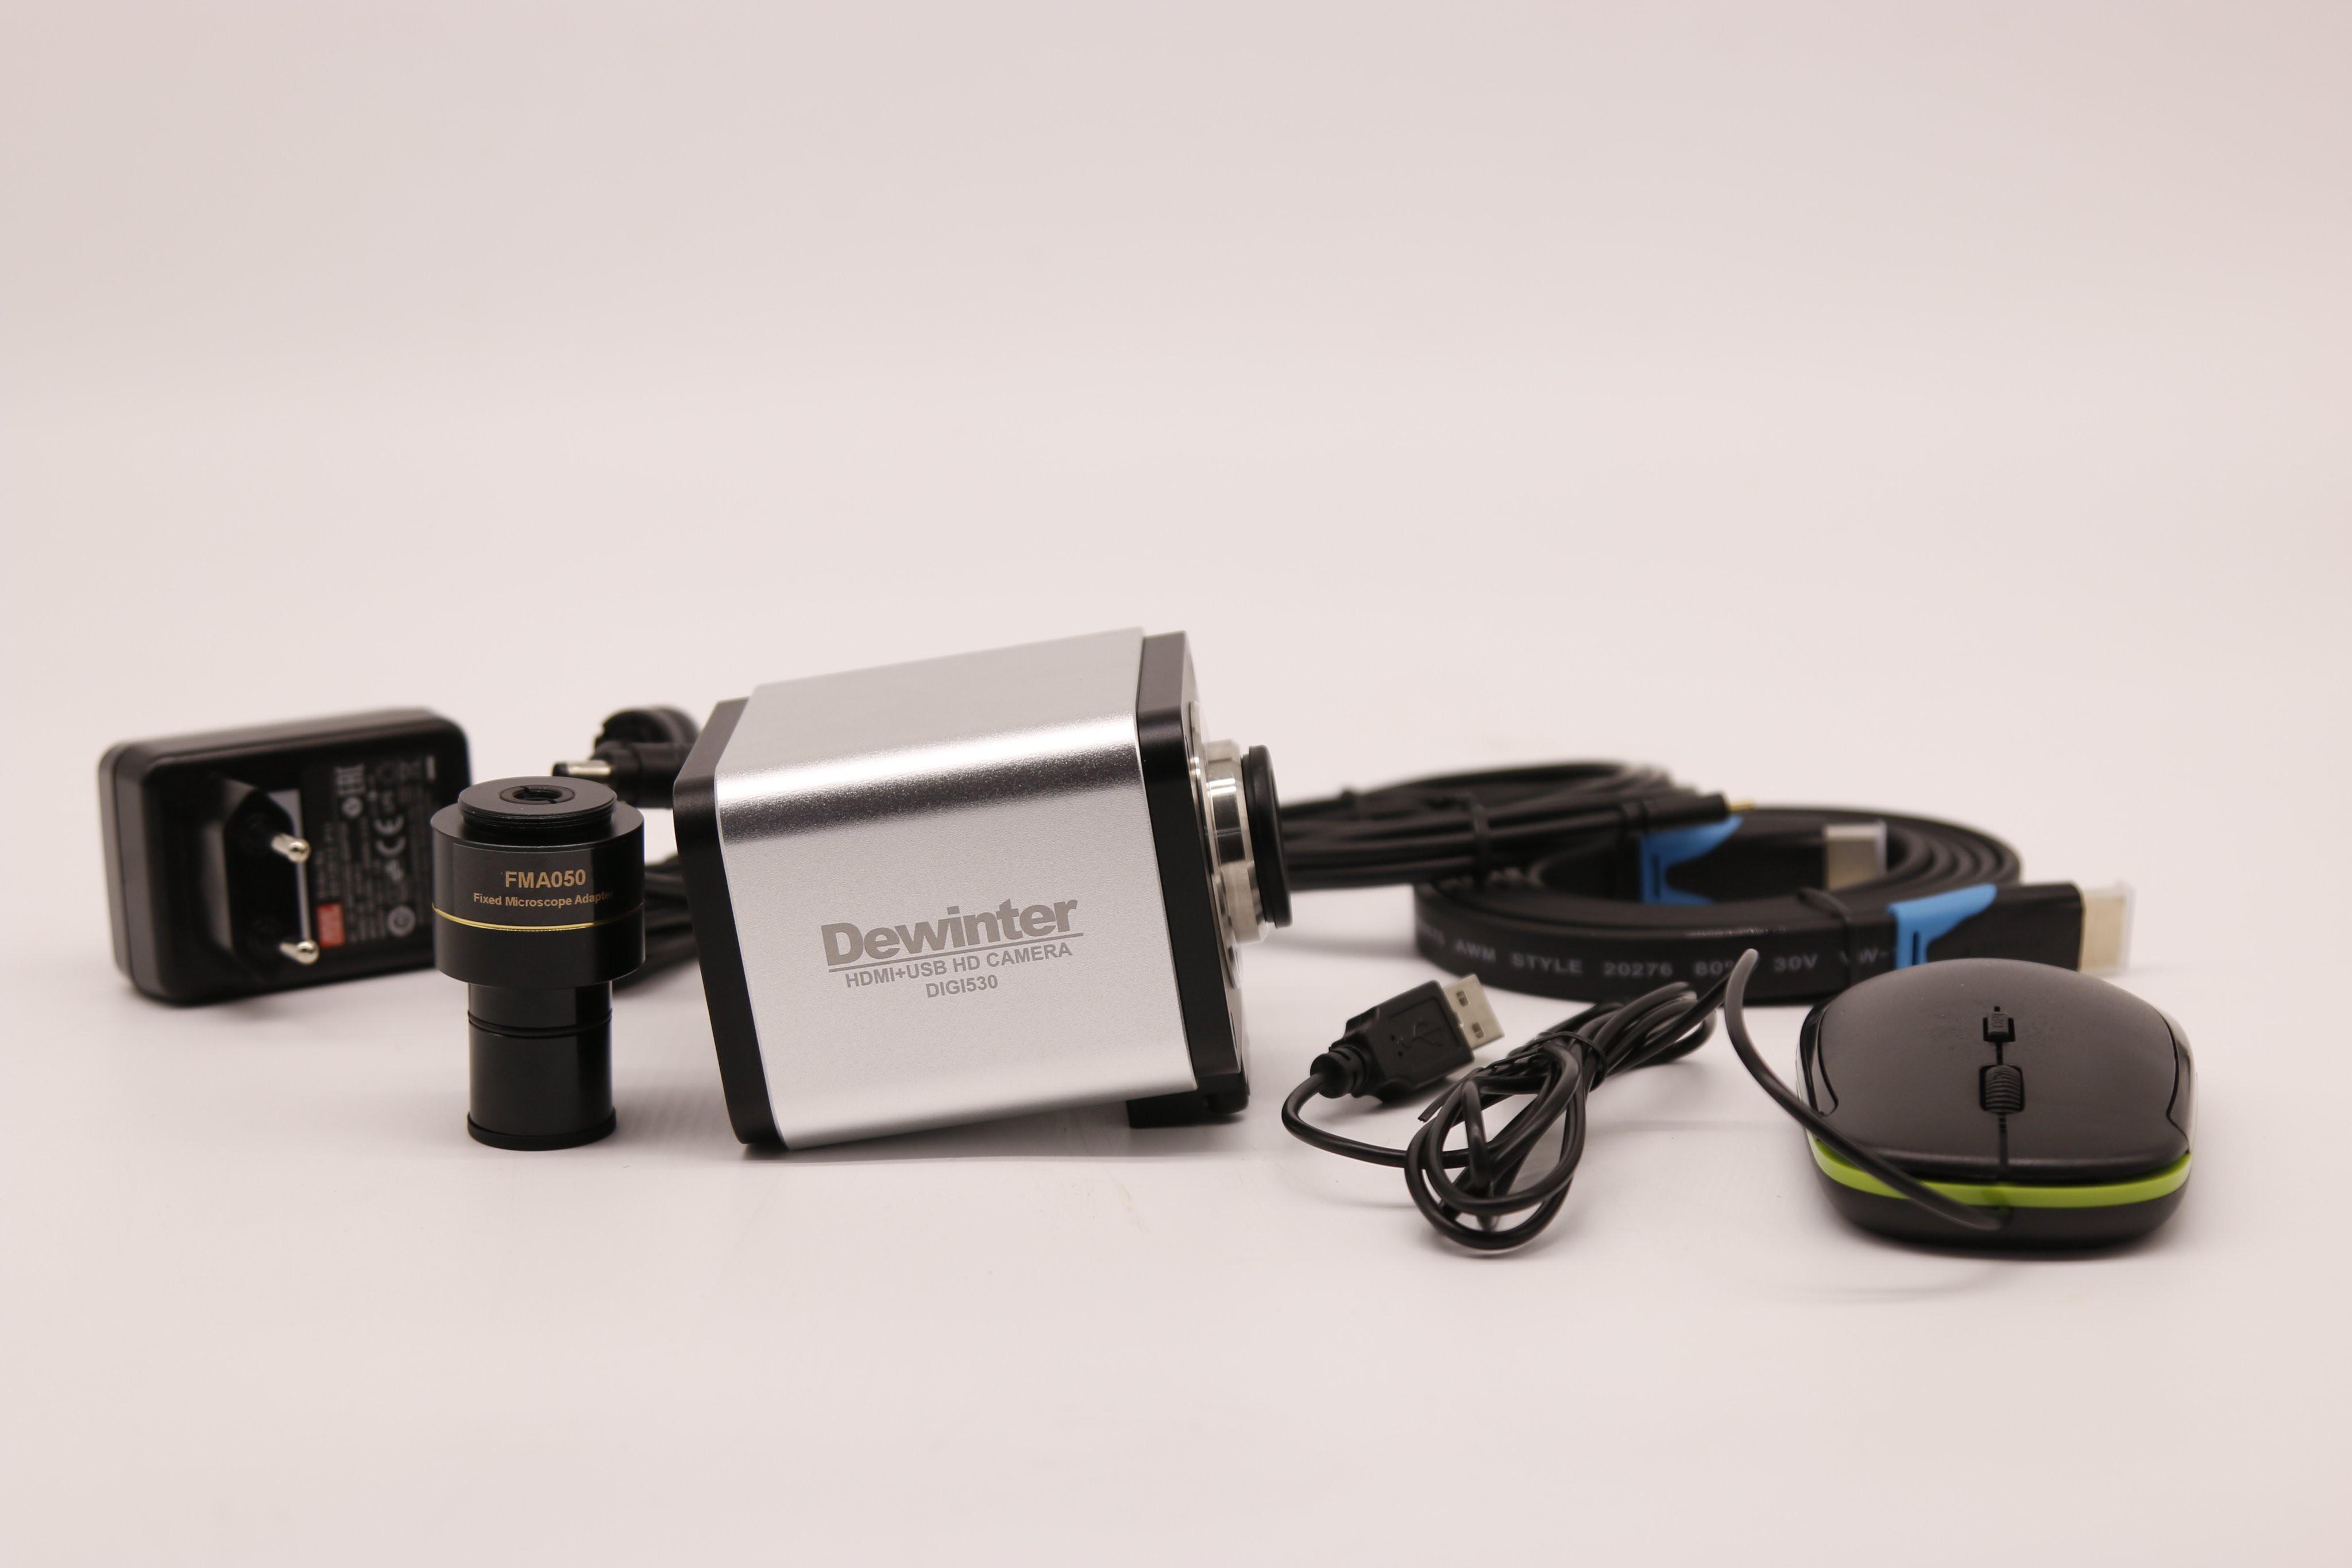 Camera HDMI DIGI530 DEWINTER  Ấn Độ